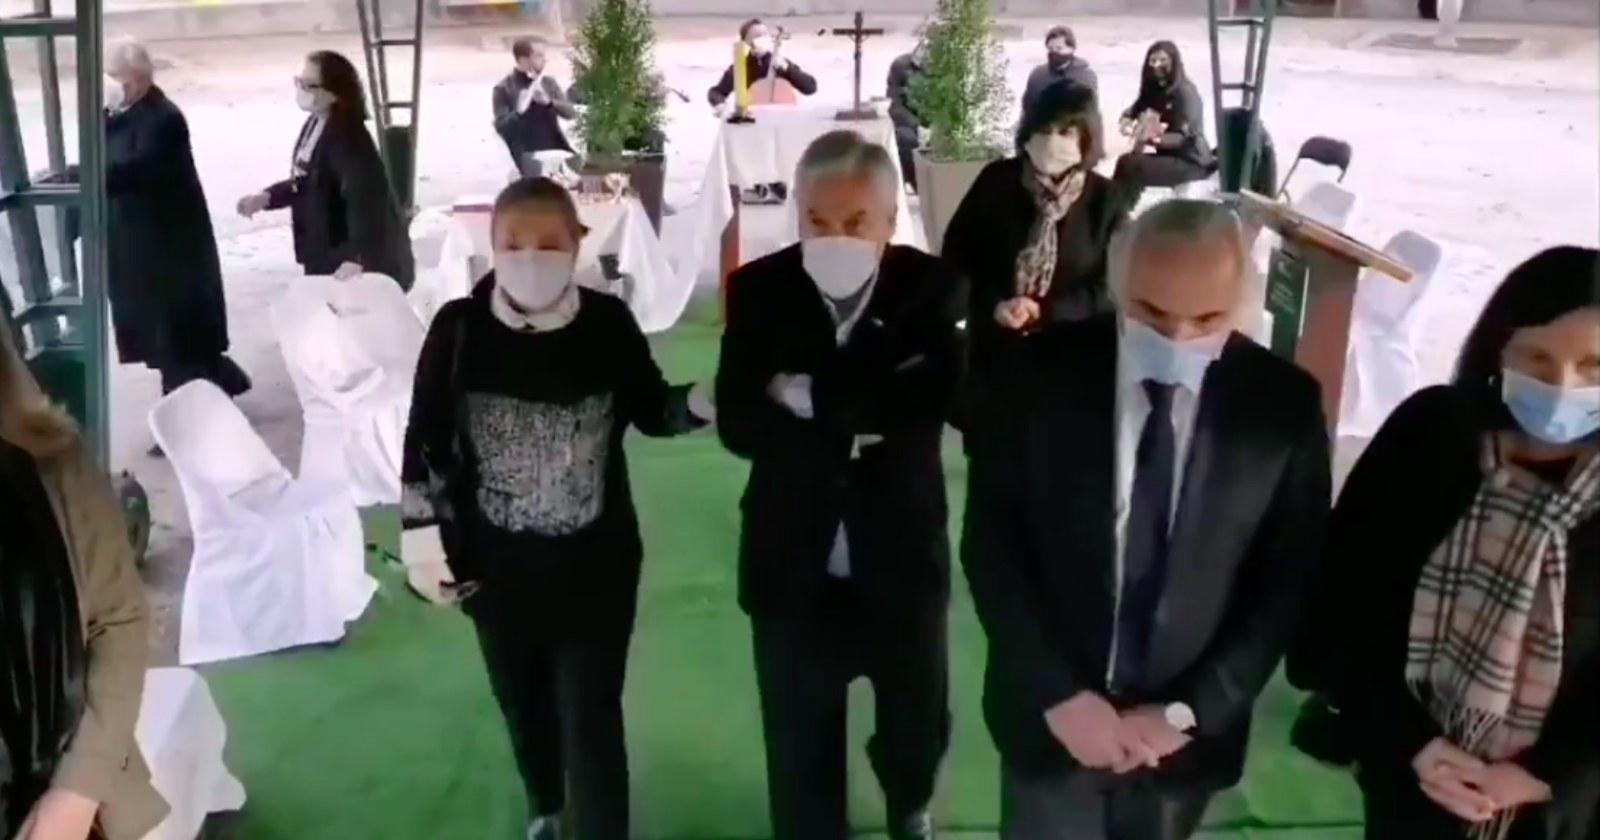 Los puntos del protocolo sanitario que no se respetaron en el funeral de Bernardino Piñera